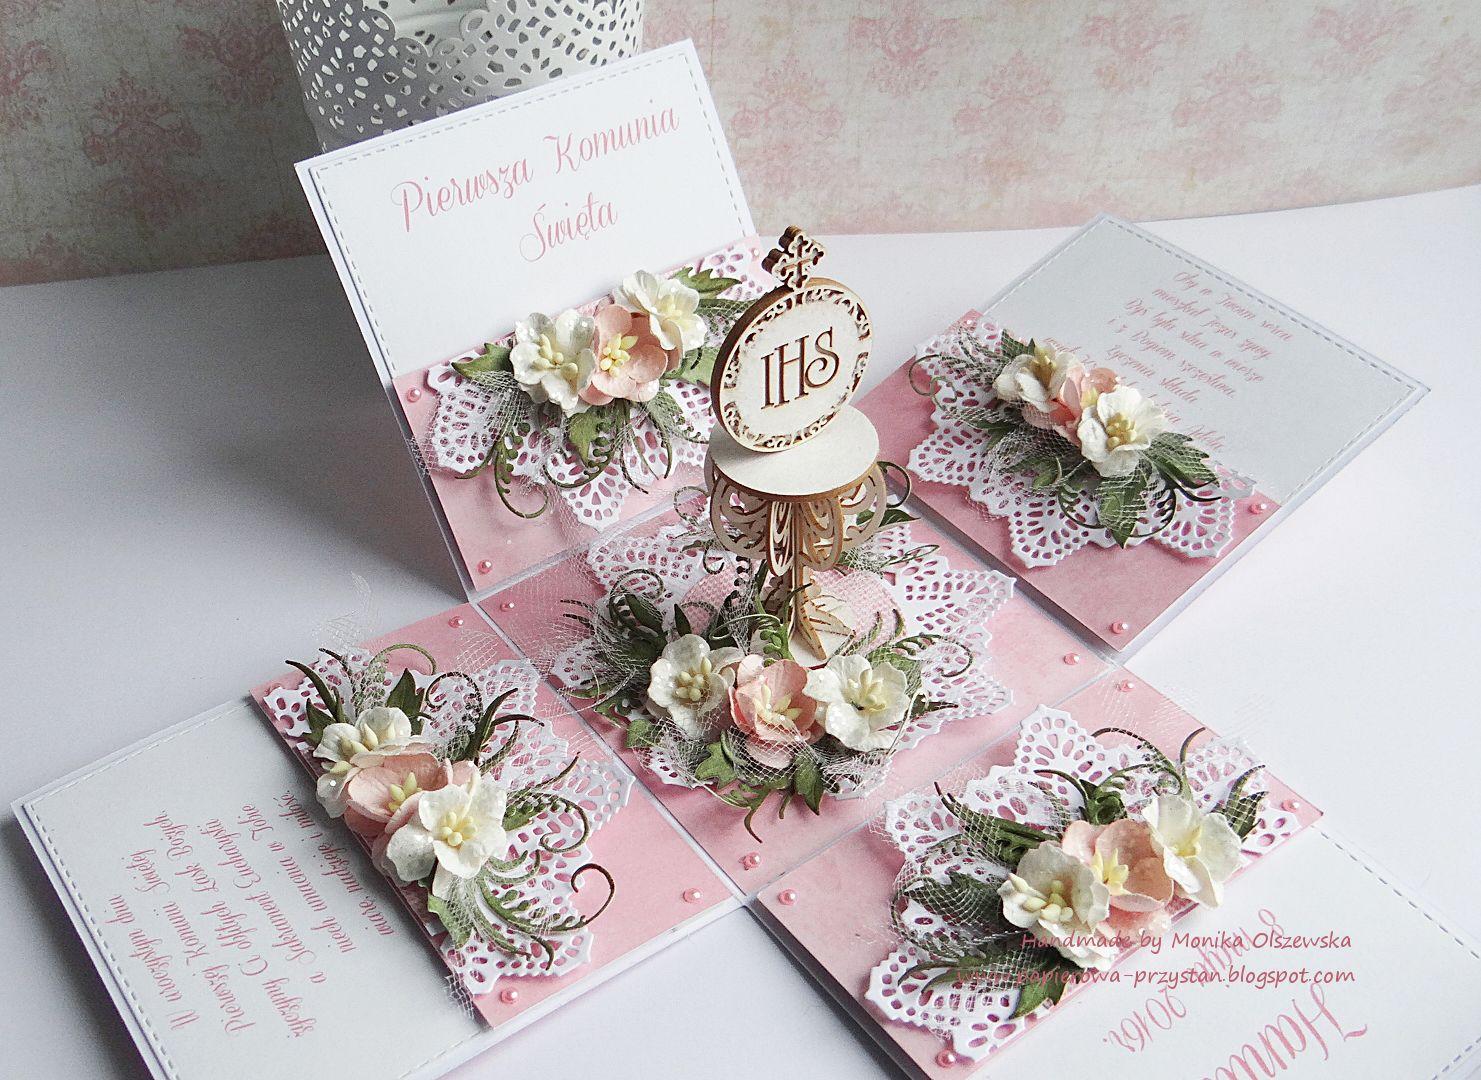 Свадебные открытки маджик бокс скрапбукинг, виде торта своими